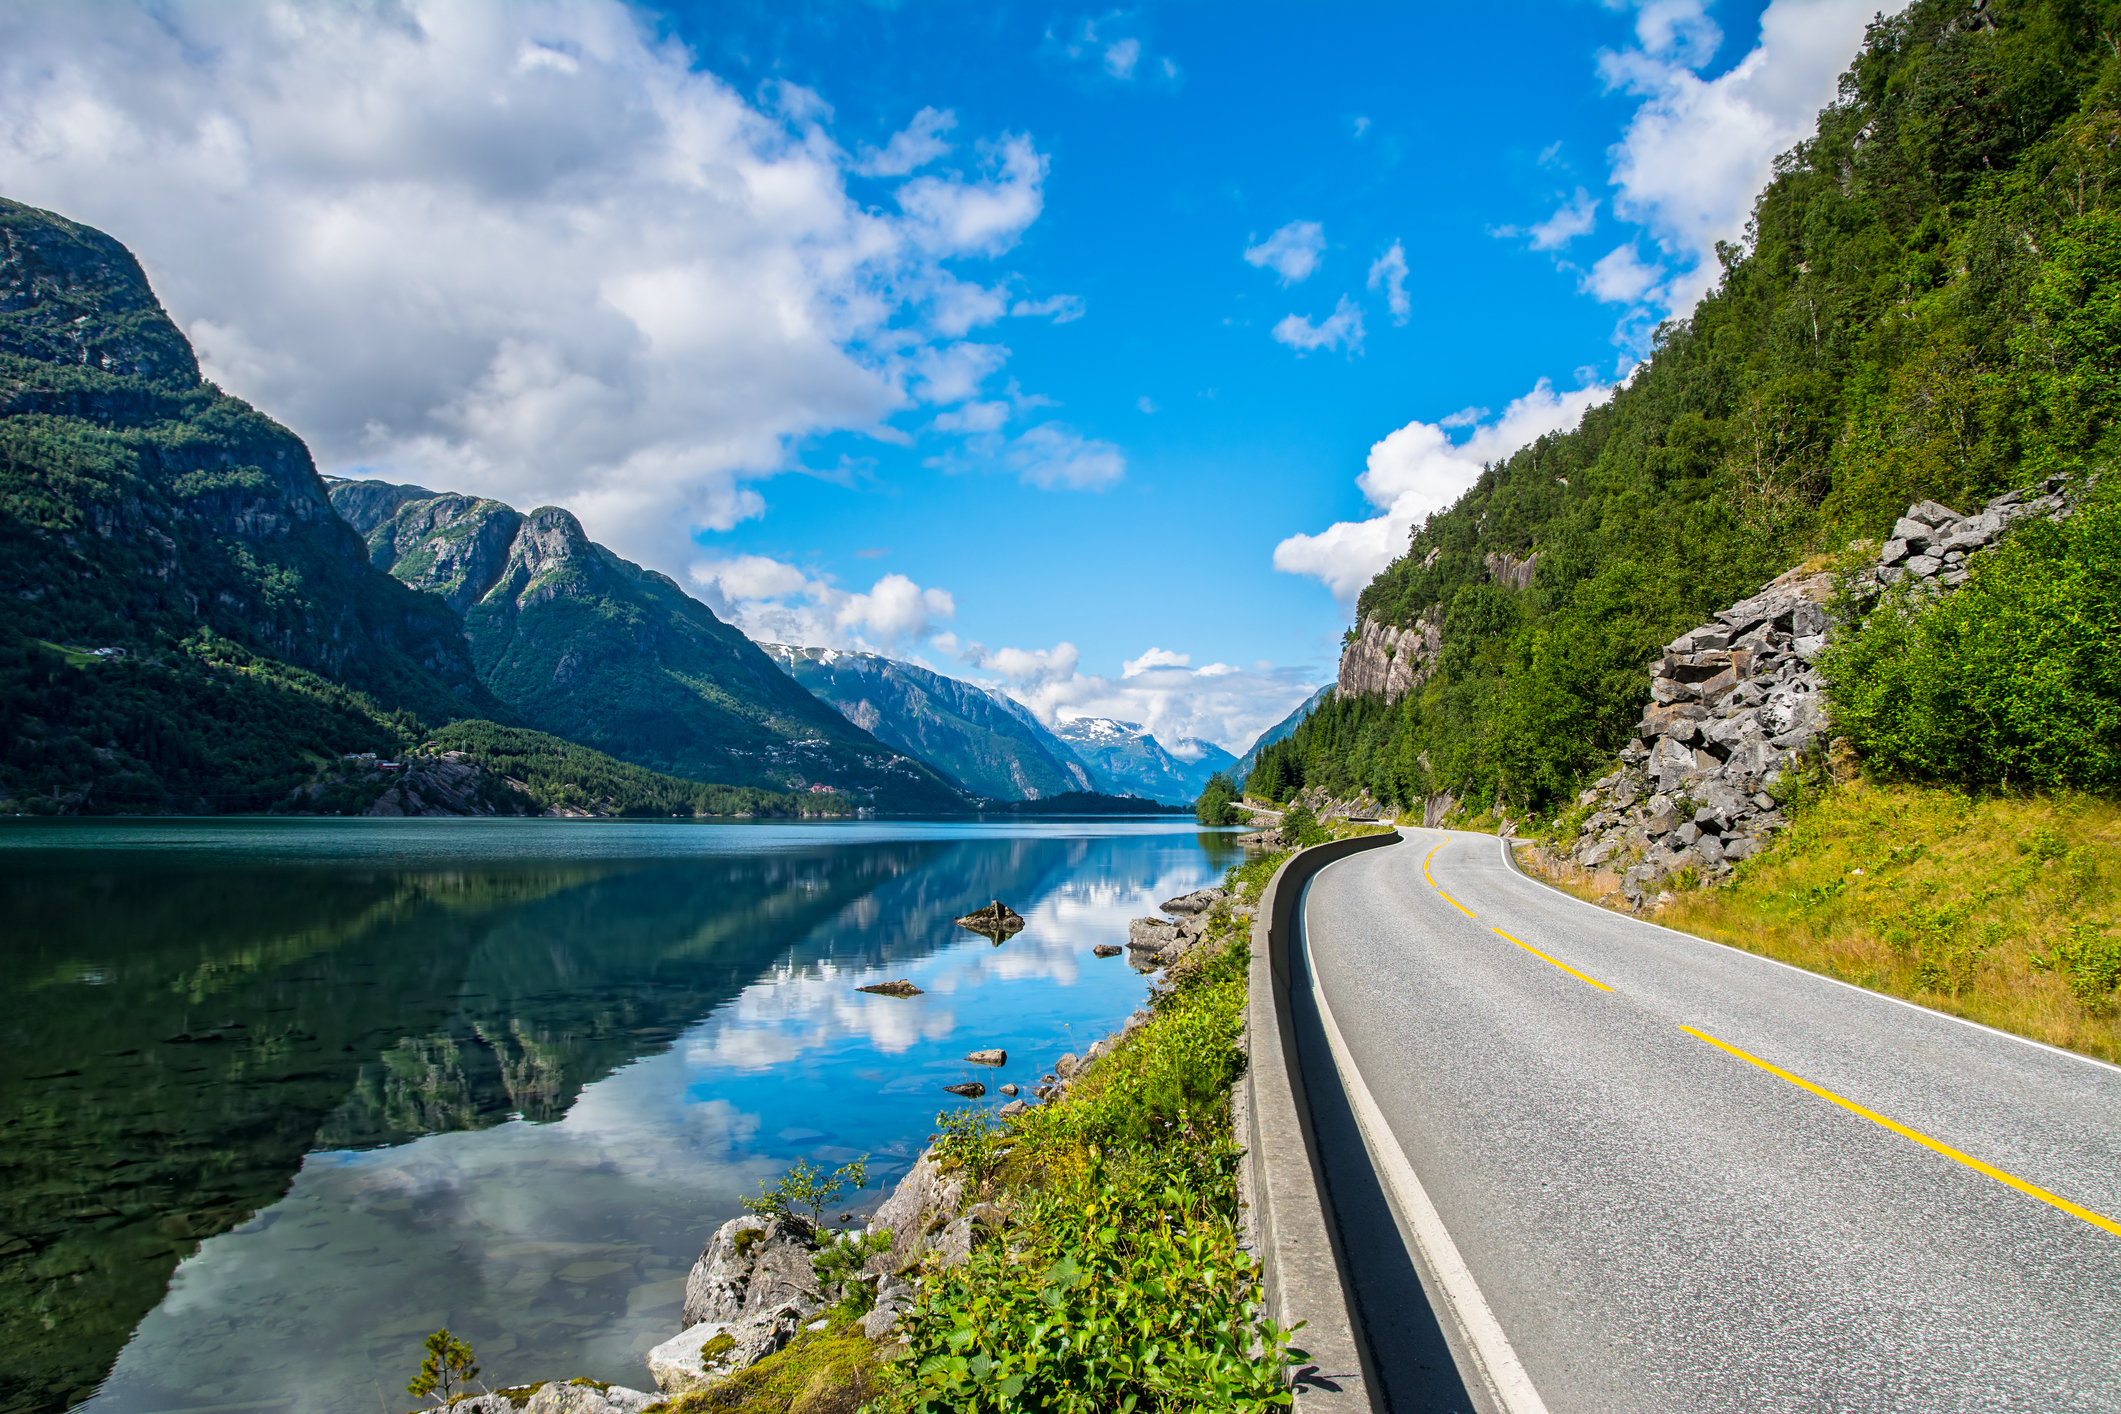 Nyt de norske landskapene med leiebil